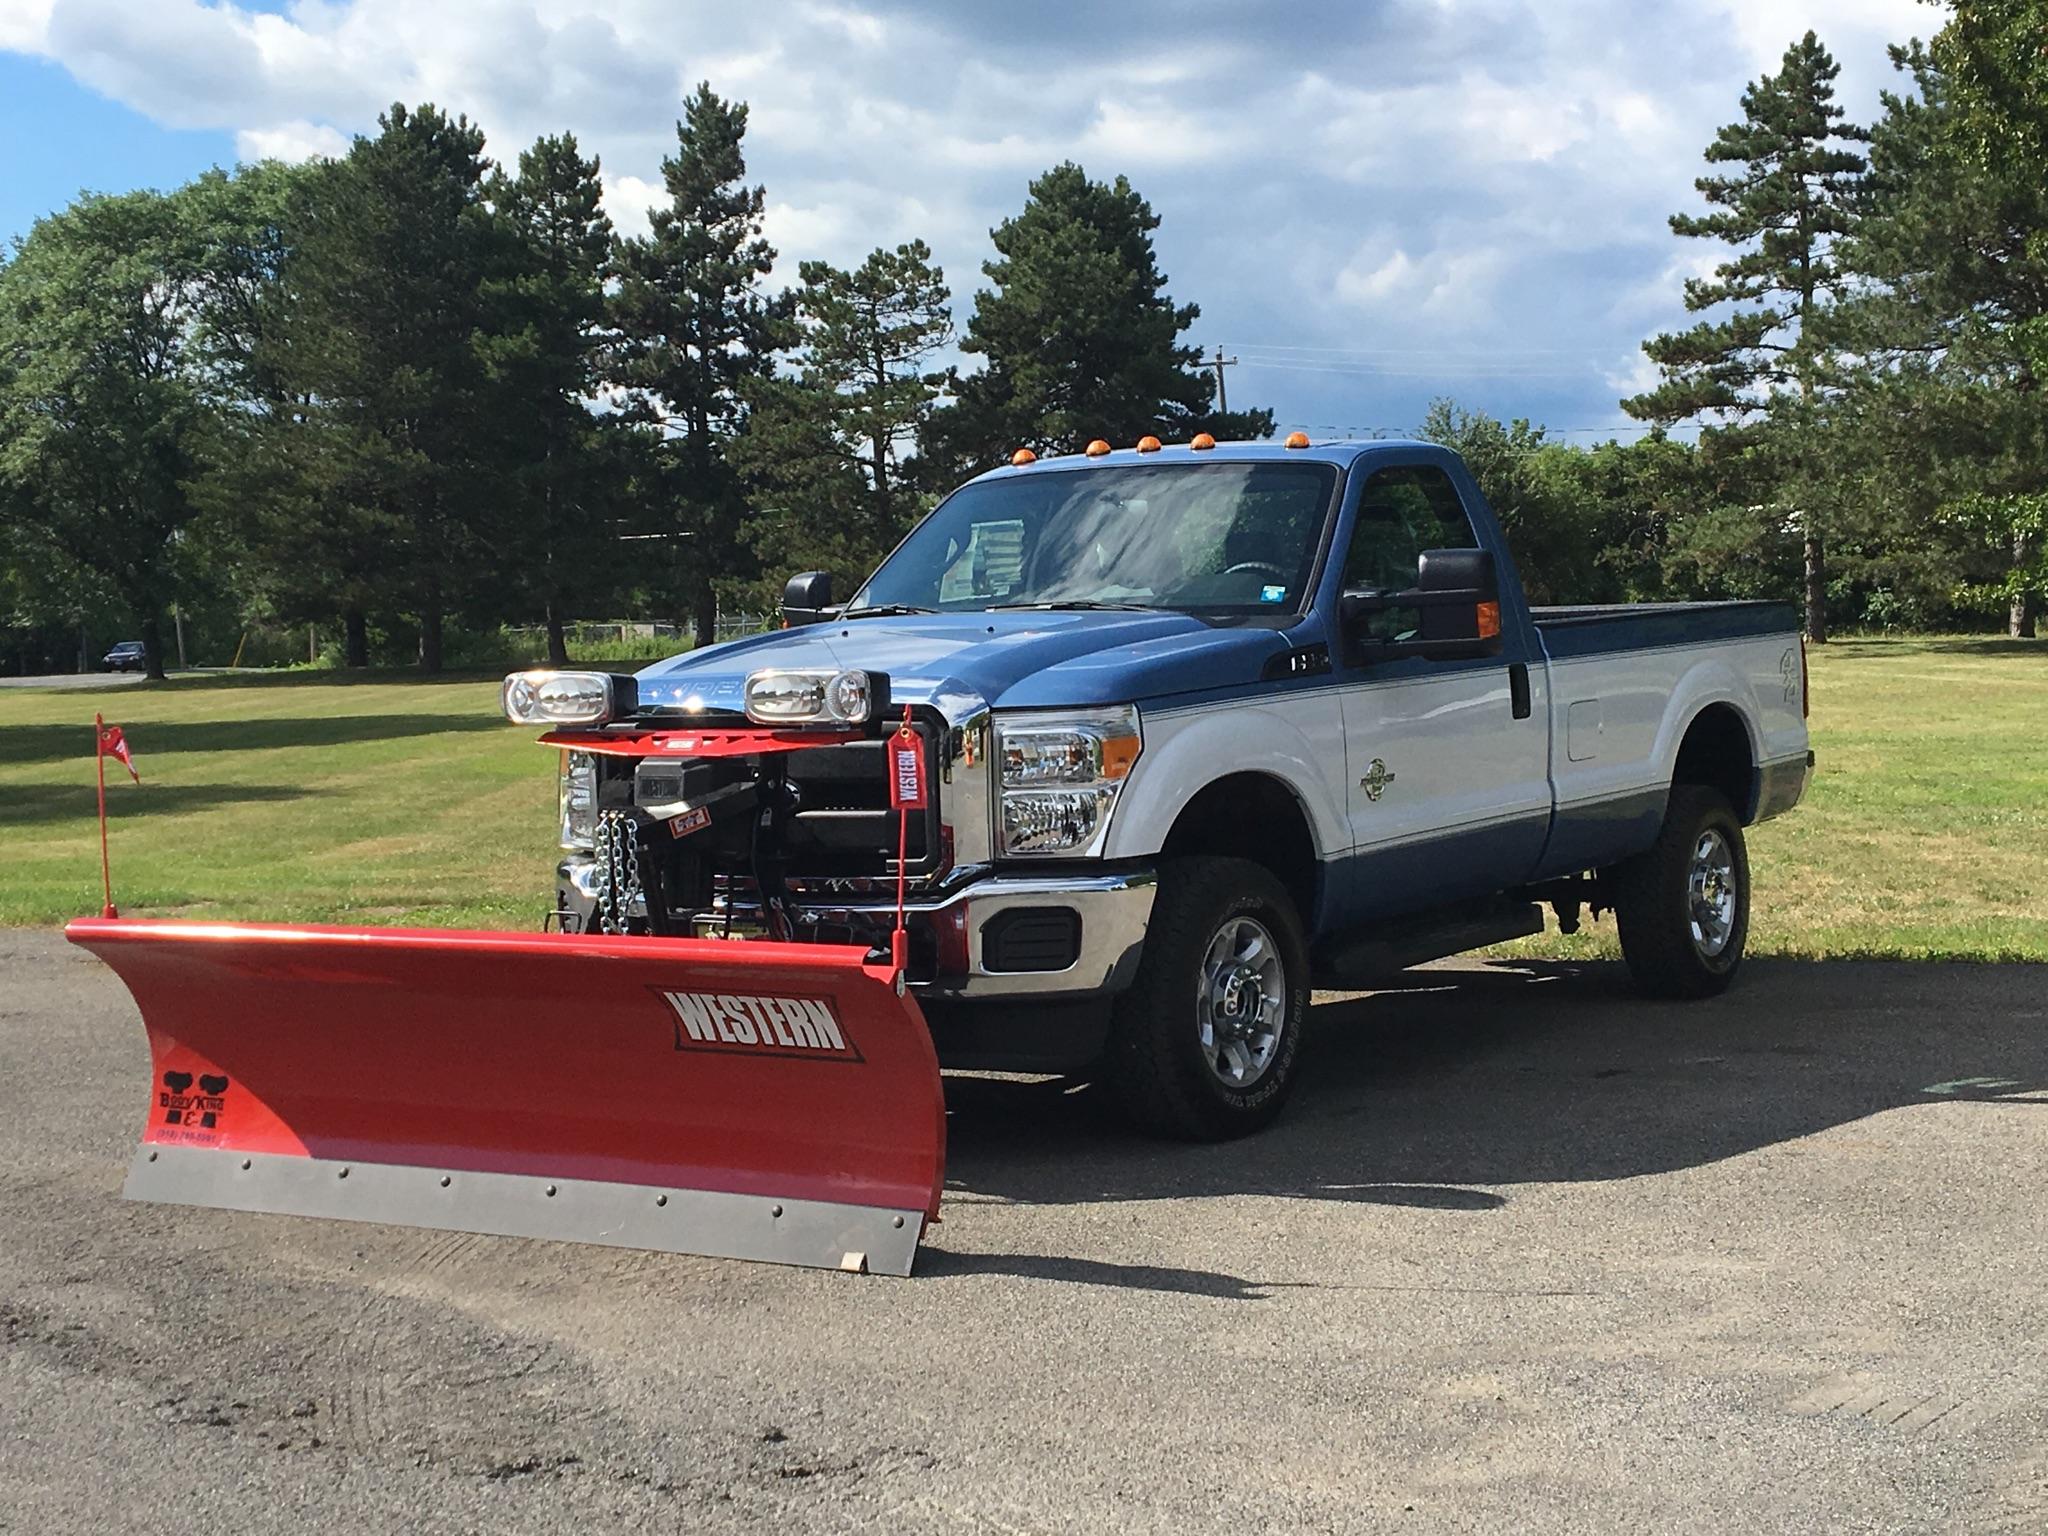 Western 8' Pro Snow Plow